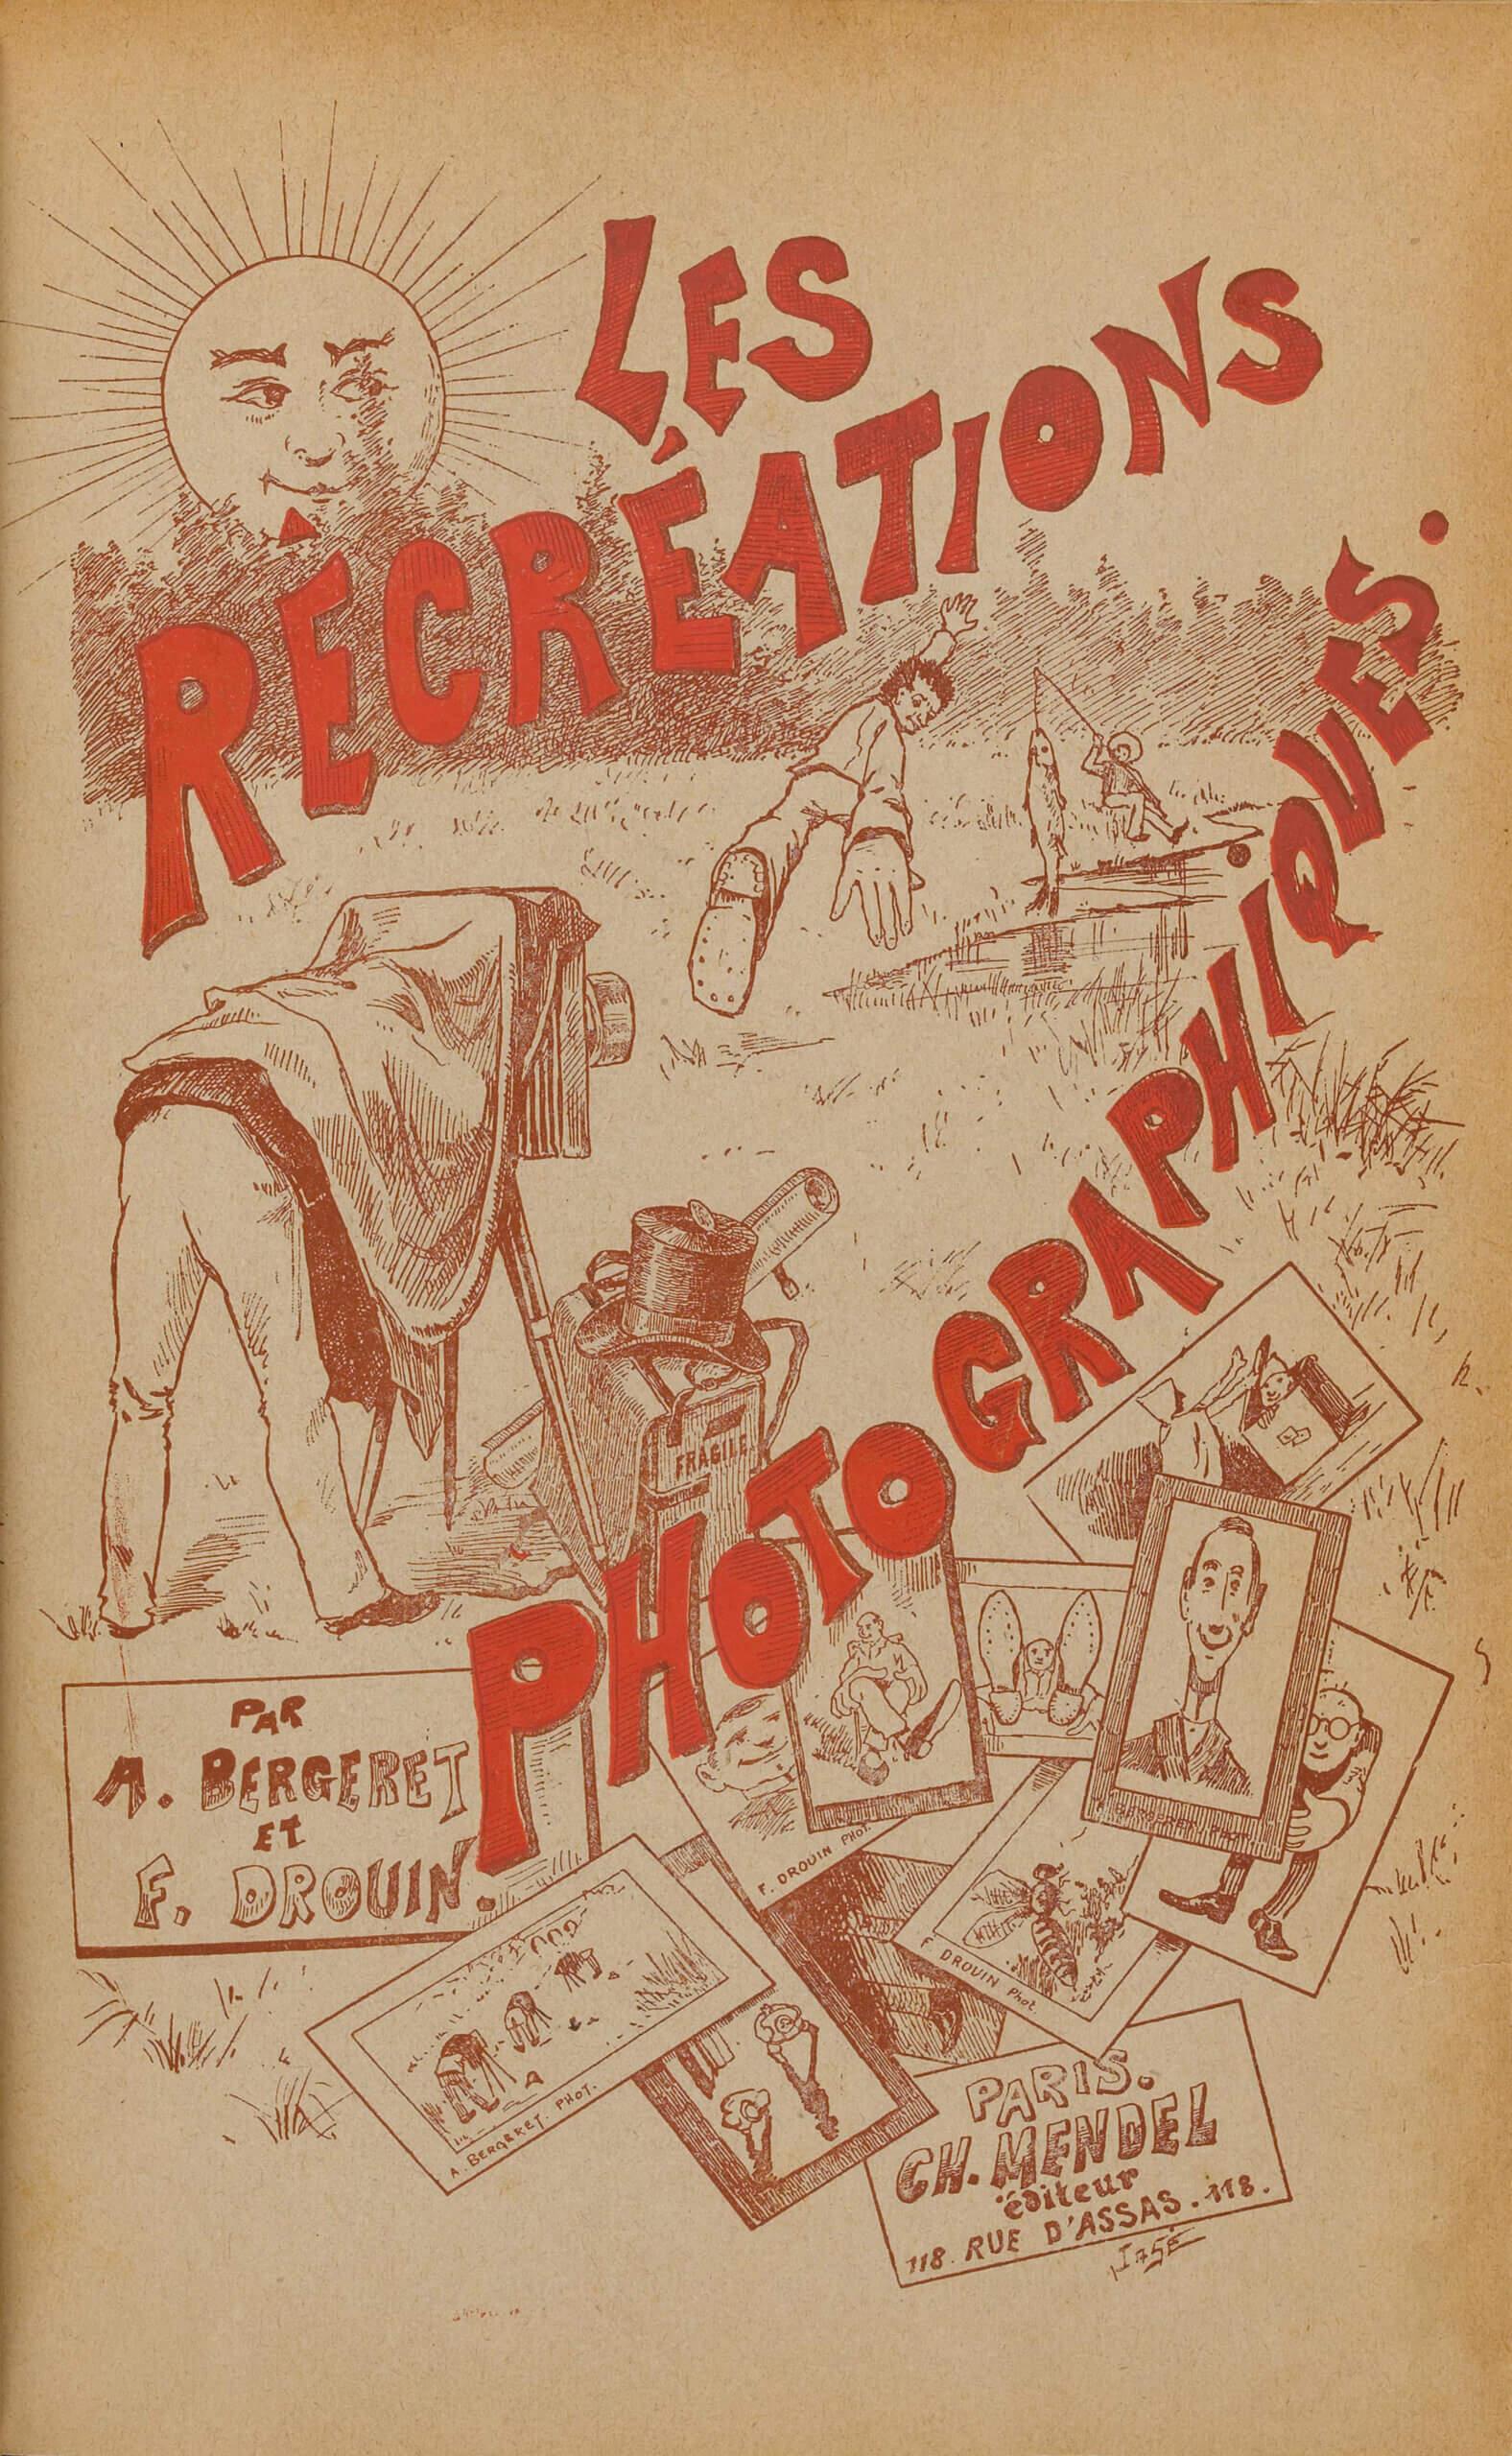 <i>Les récréations photographiques</i> [Première de couverture], 1891, de A. Bergeret et Félix Drouin, Paris, Charles Mendel, 1891.